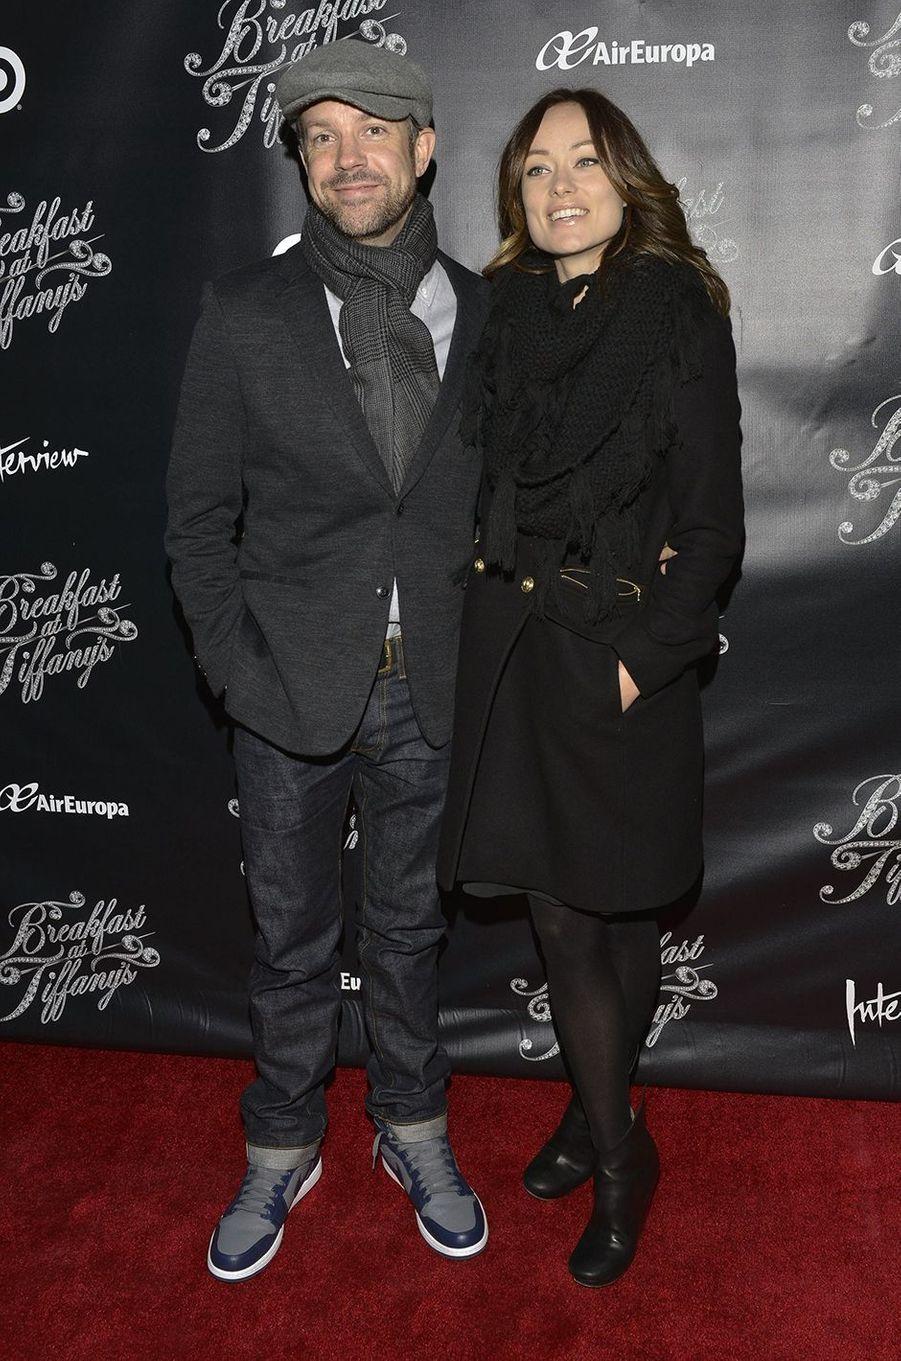 Jason Sudeikis et Olivia Wilde à une représentation de la pièce «Breakfast At Tiffany's» à Broadway, New York, en mars 2013